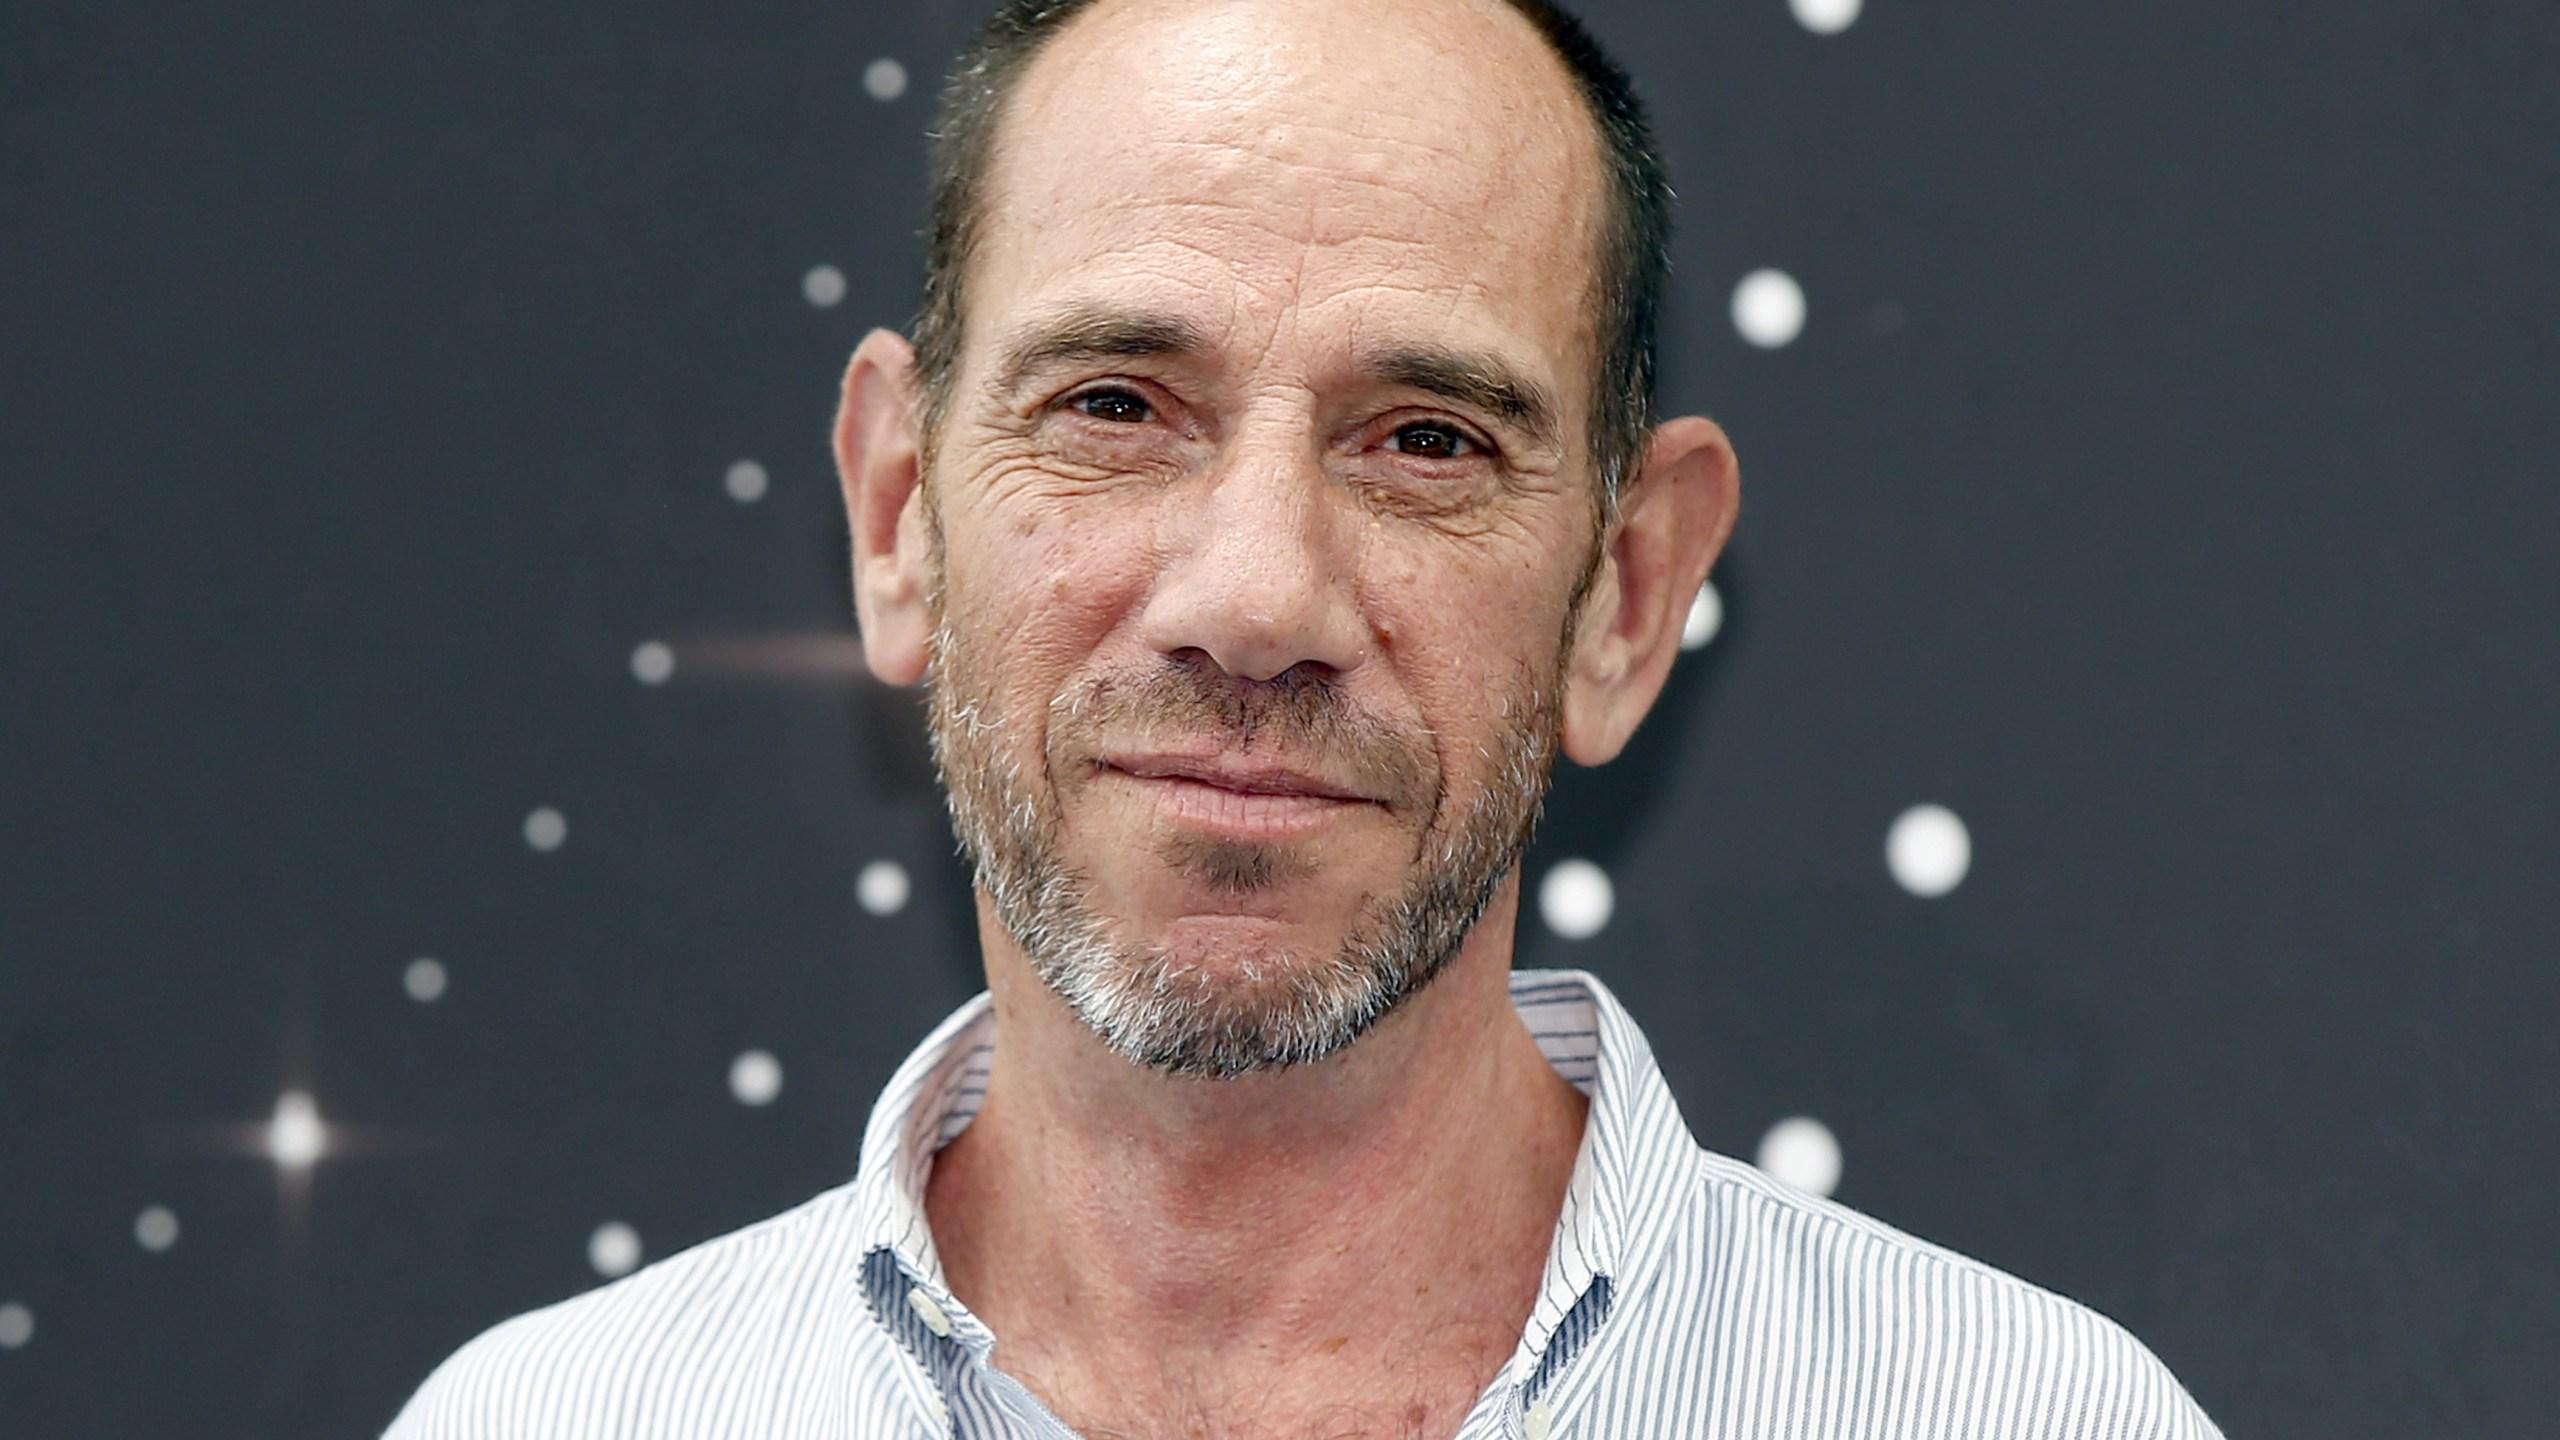 Actor Porno Español Sandy ncis: los angeles' actor miguel ferrer dies at 61 | ktla